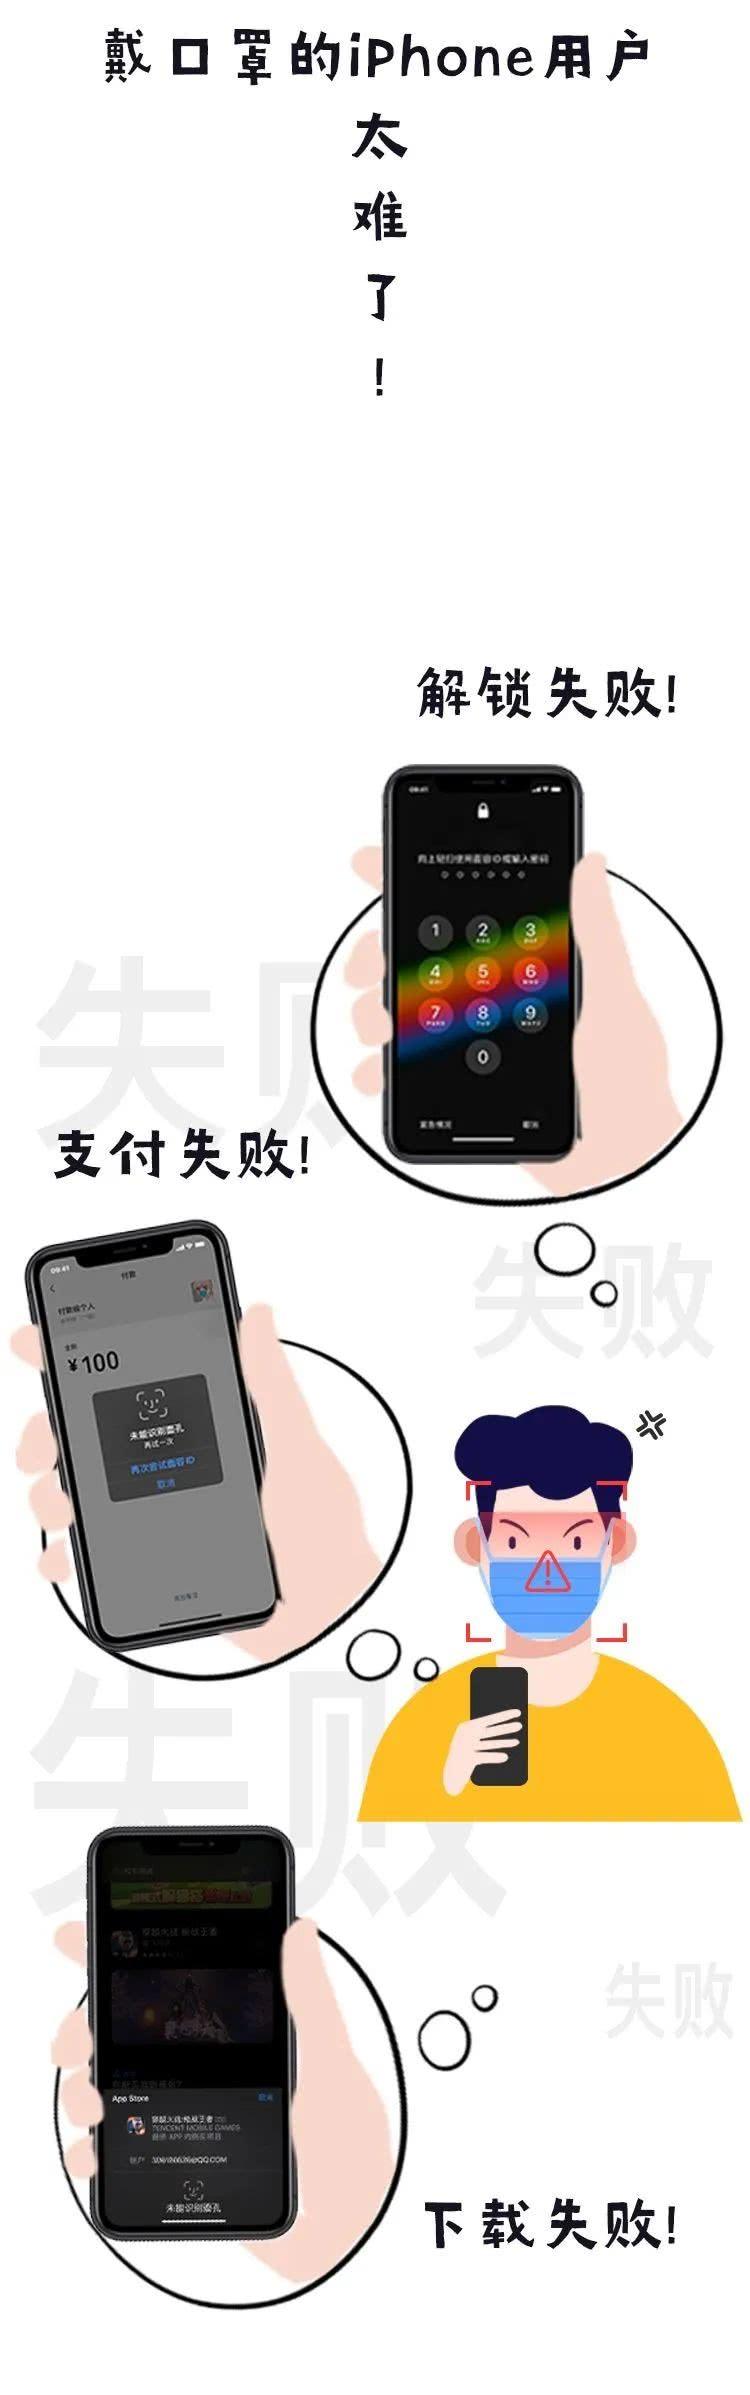 教你戴着口罩,也能解锁 iPhone的Face ID!